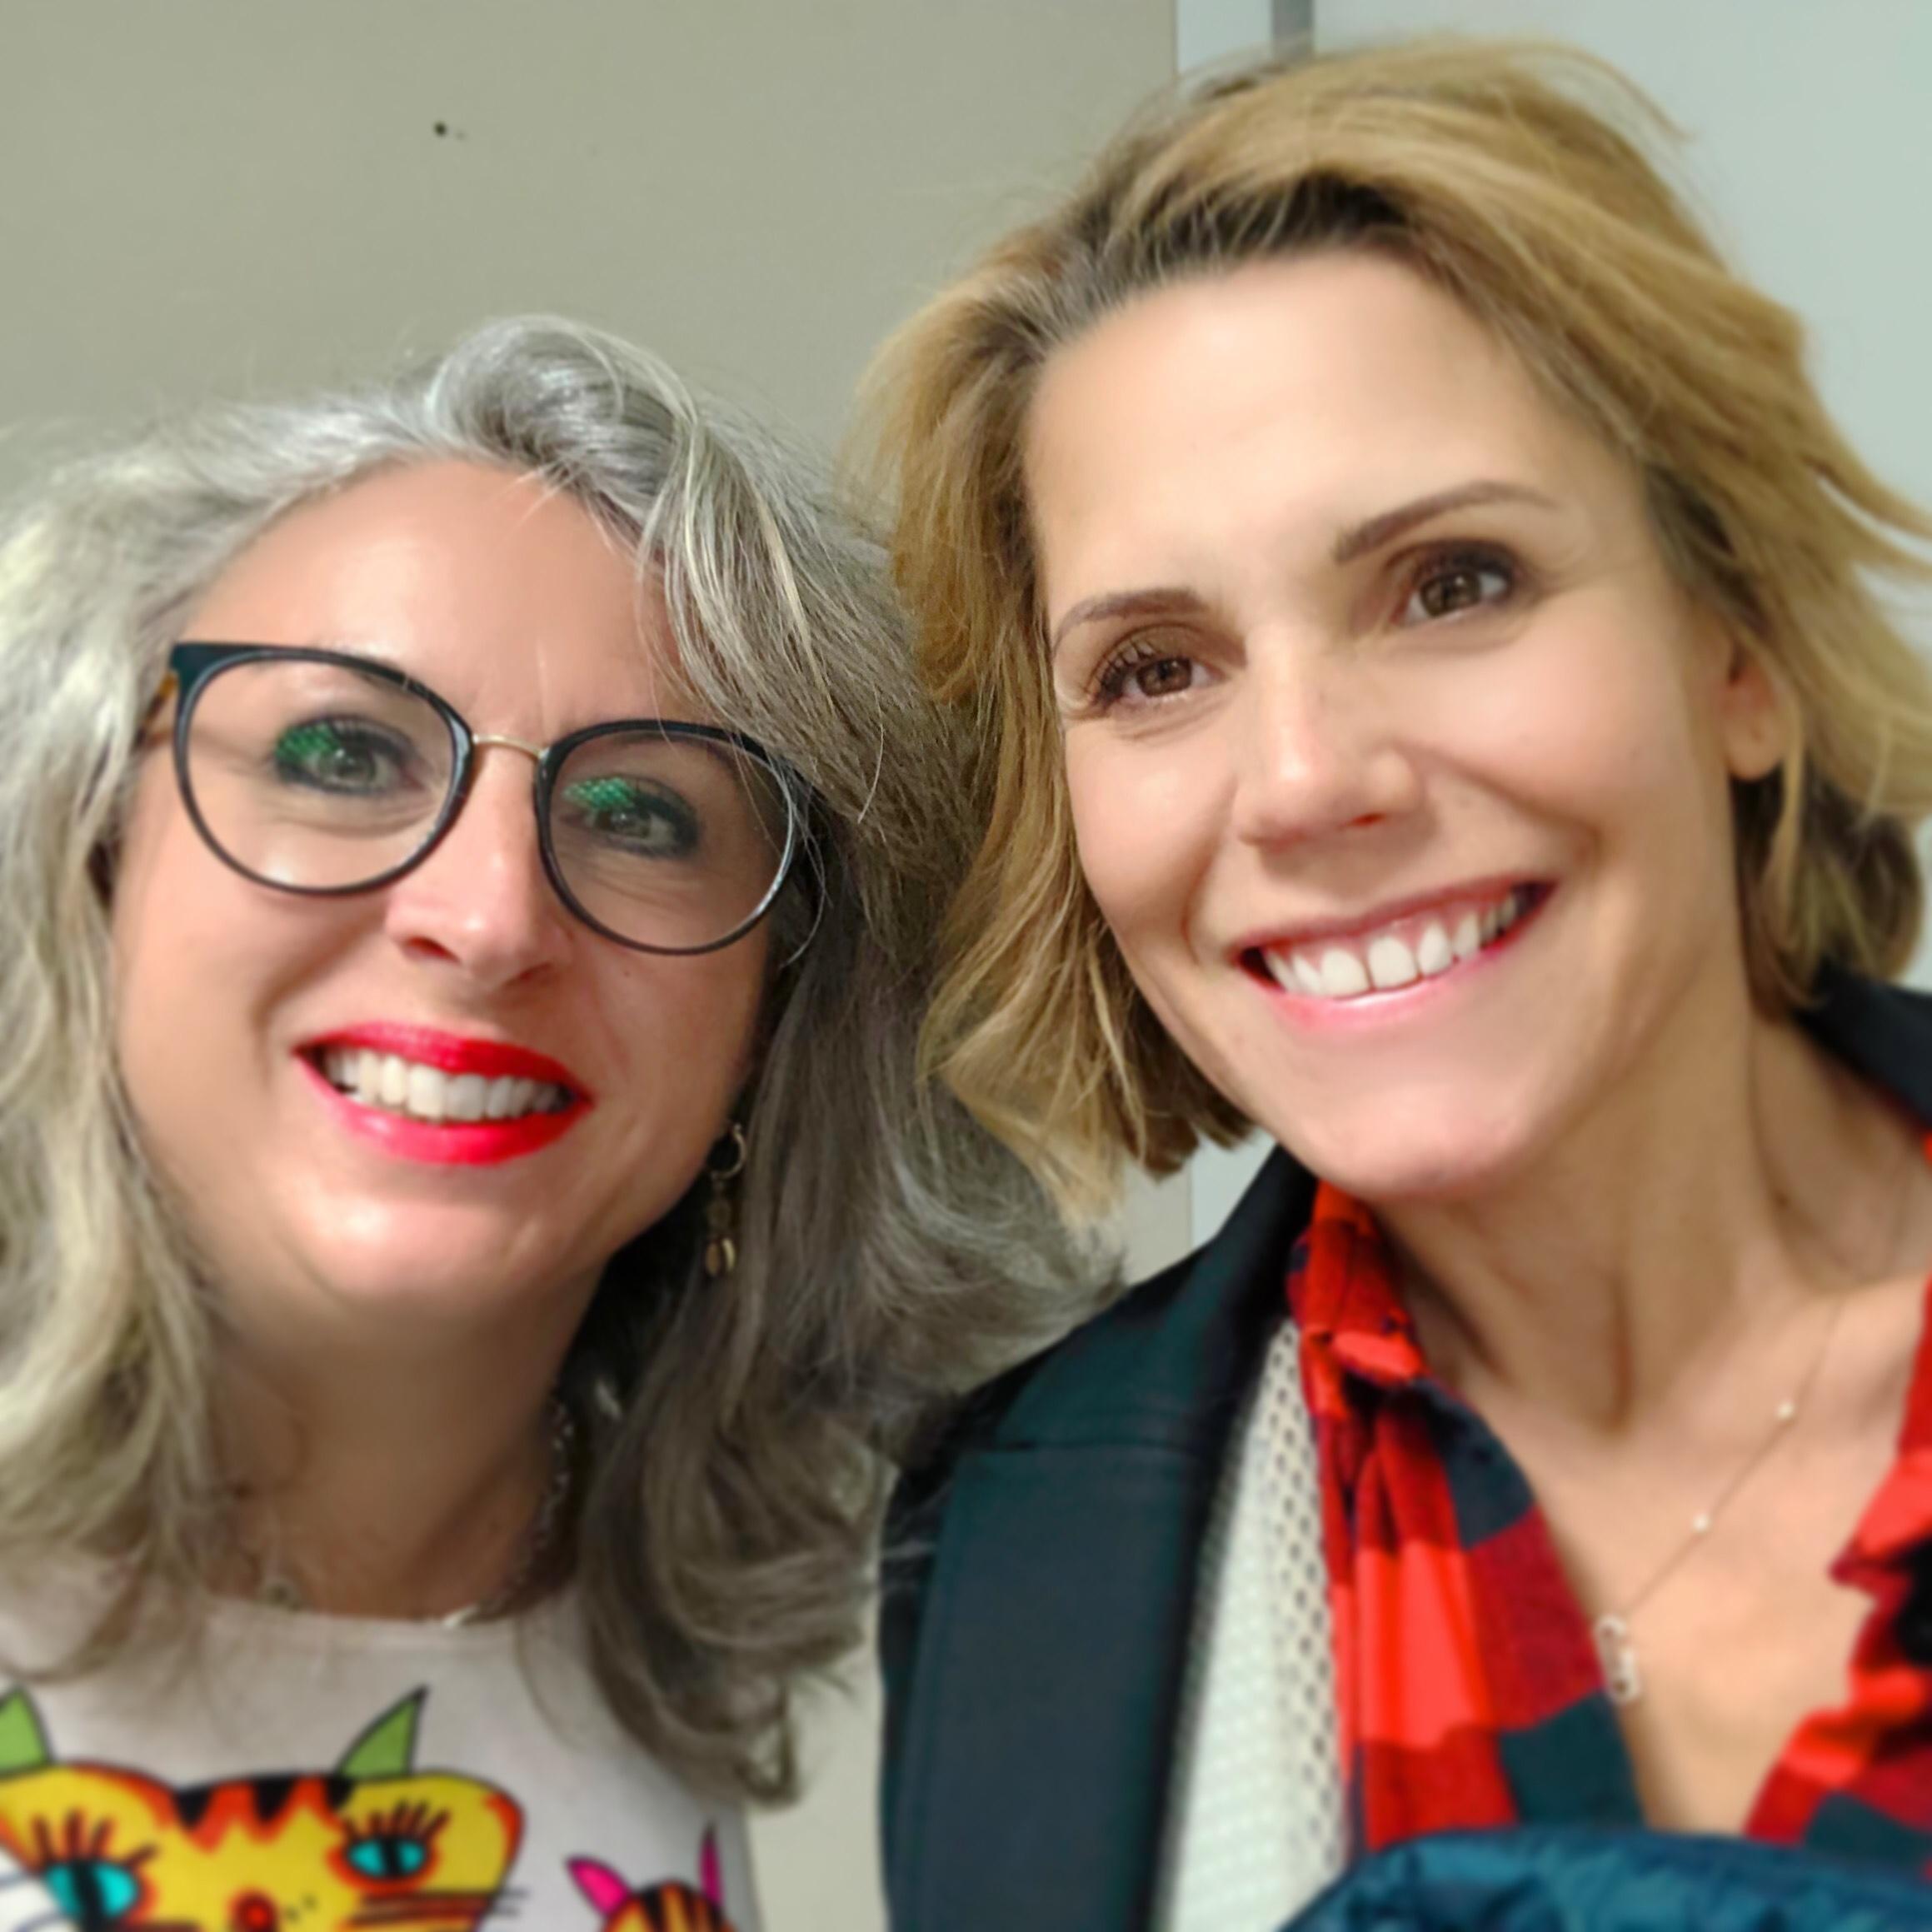 Incroyable rencontre avec Laura du Web… Les états d'esprit du vendredi 16/11/2018